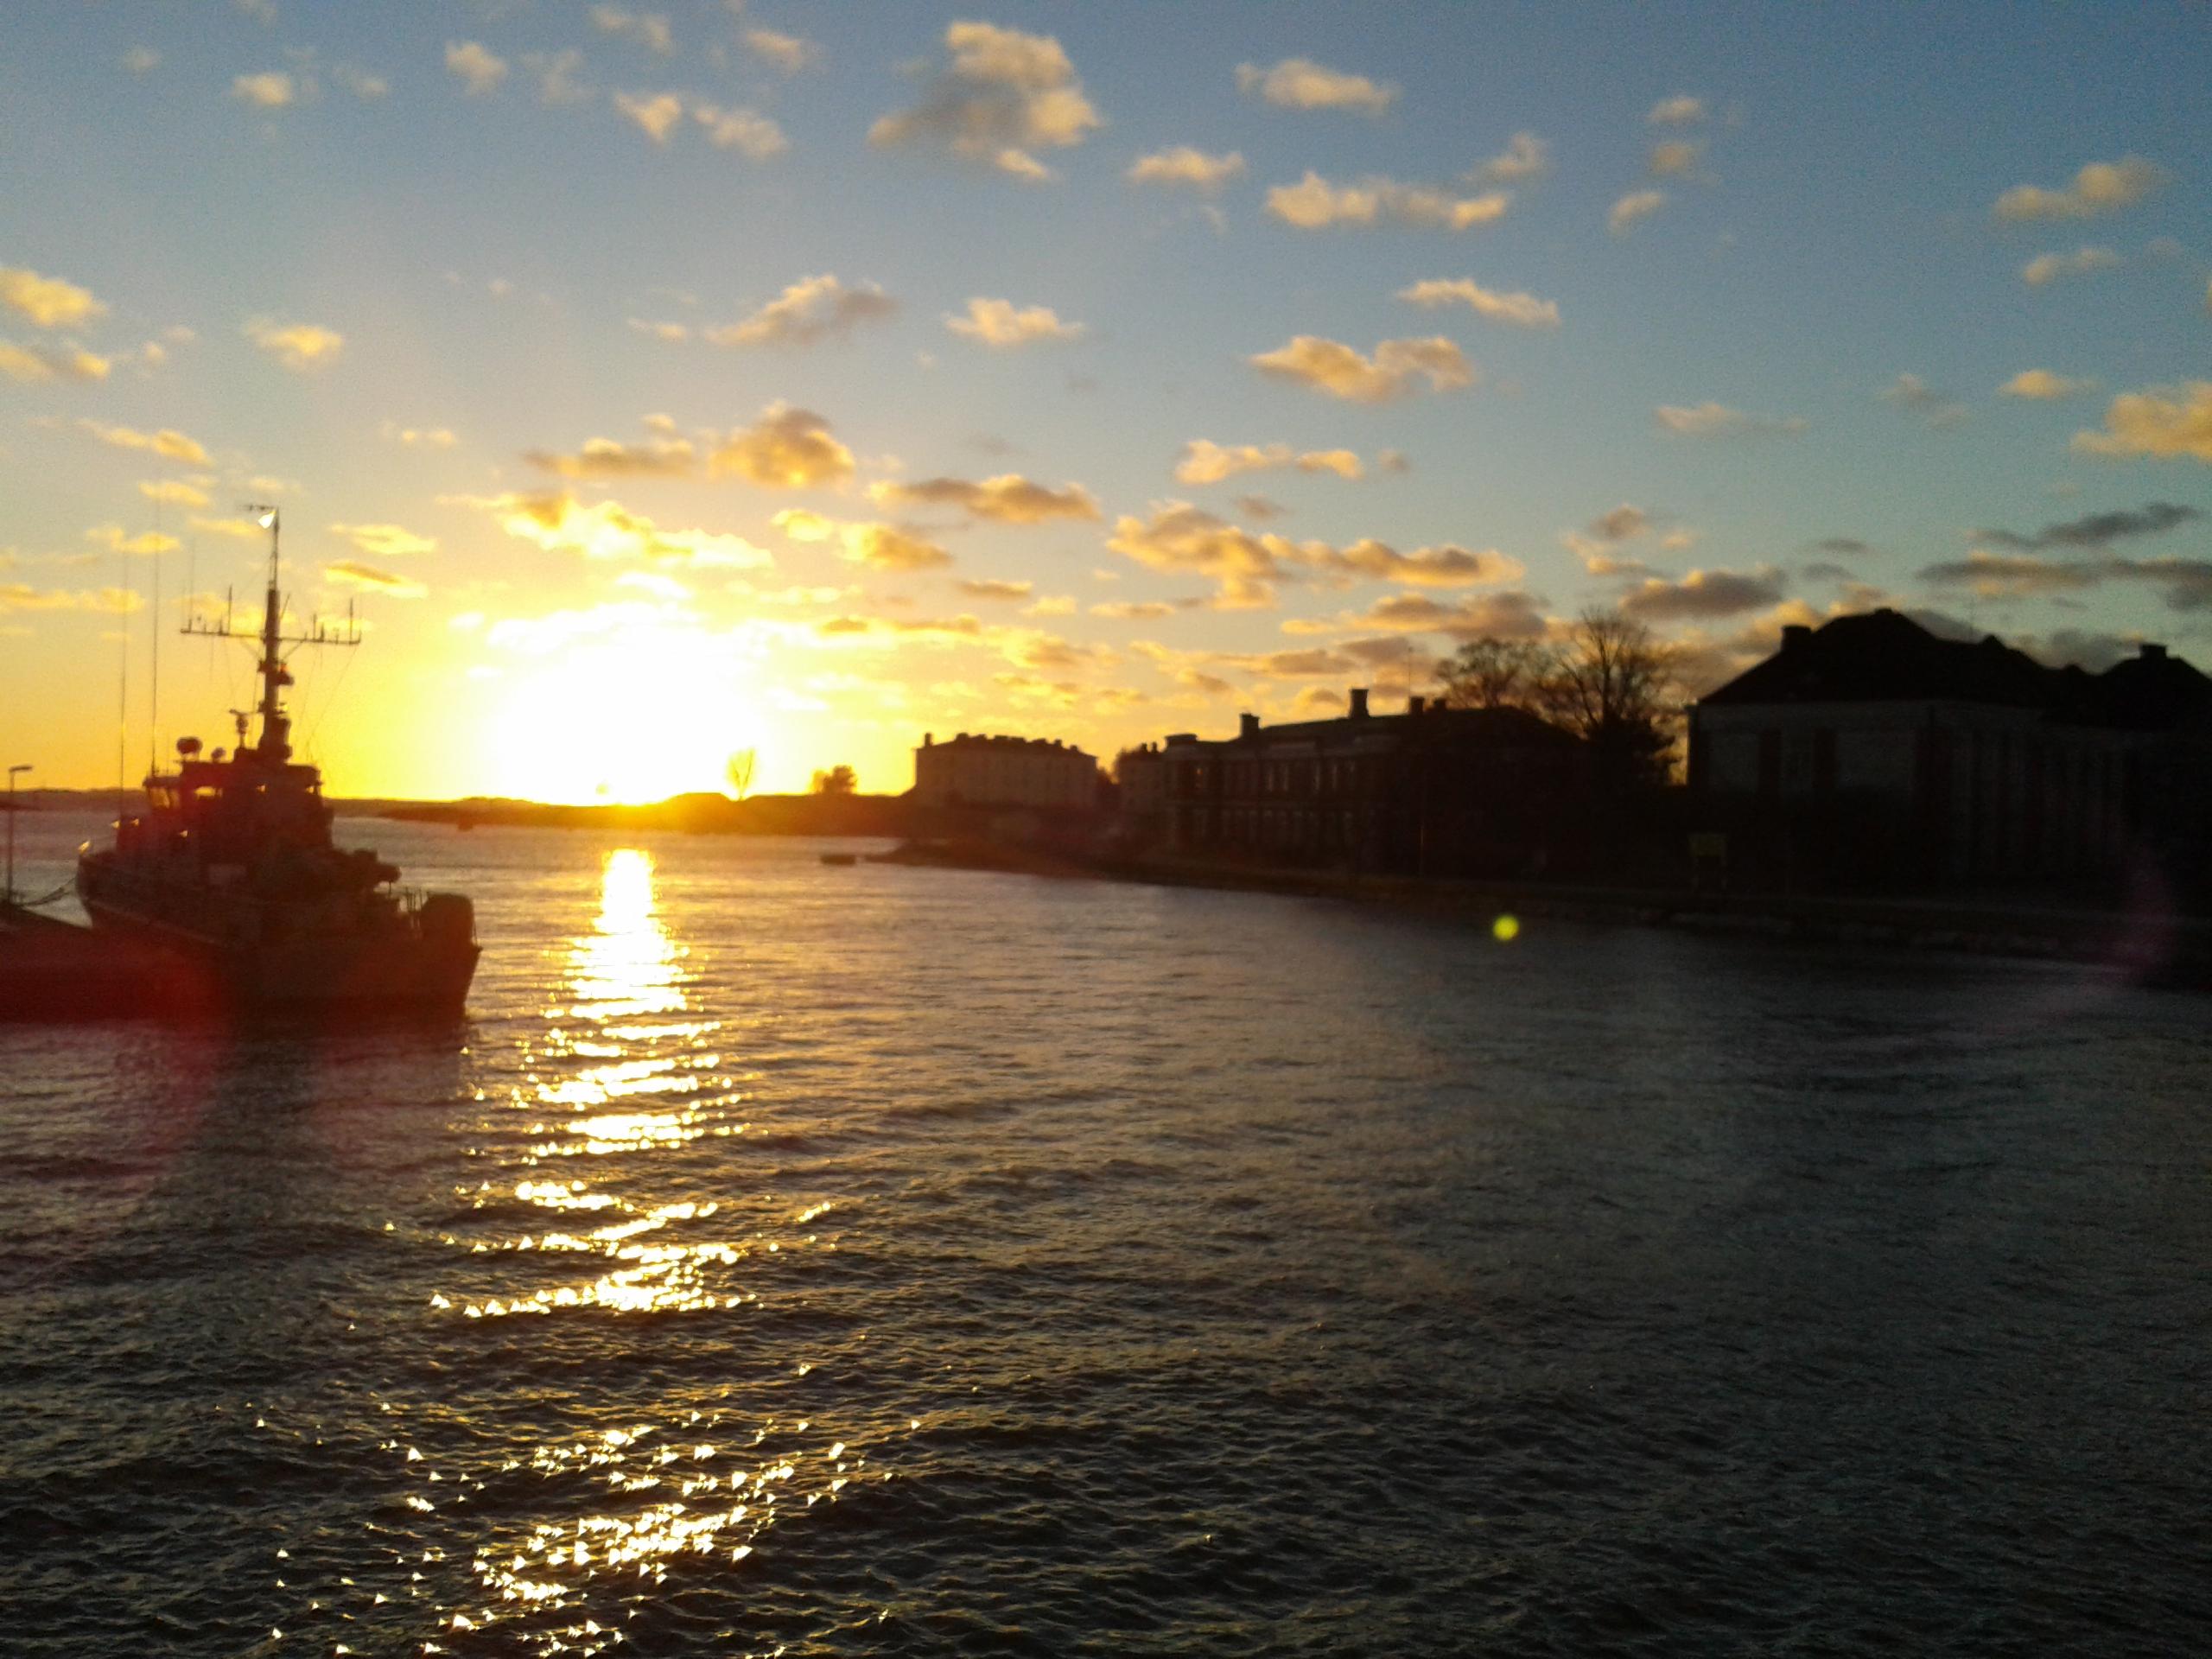 Sunset_in_the_archipelago_of_Helsinki_Photo_Courtesy_Nikoleta_Platia